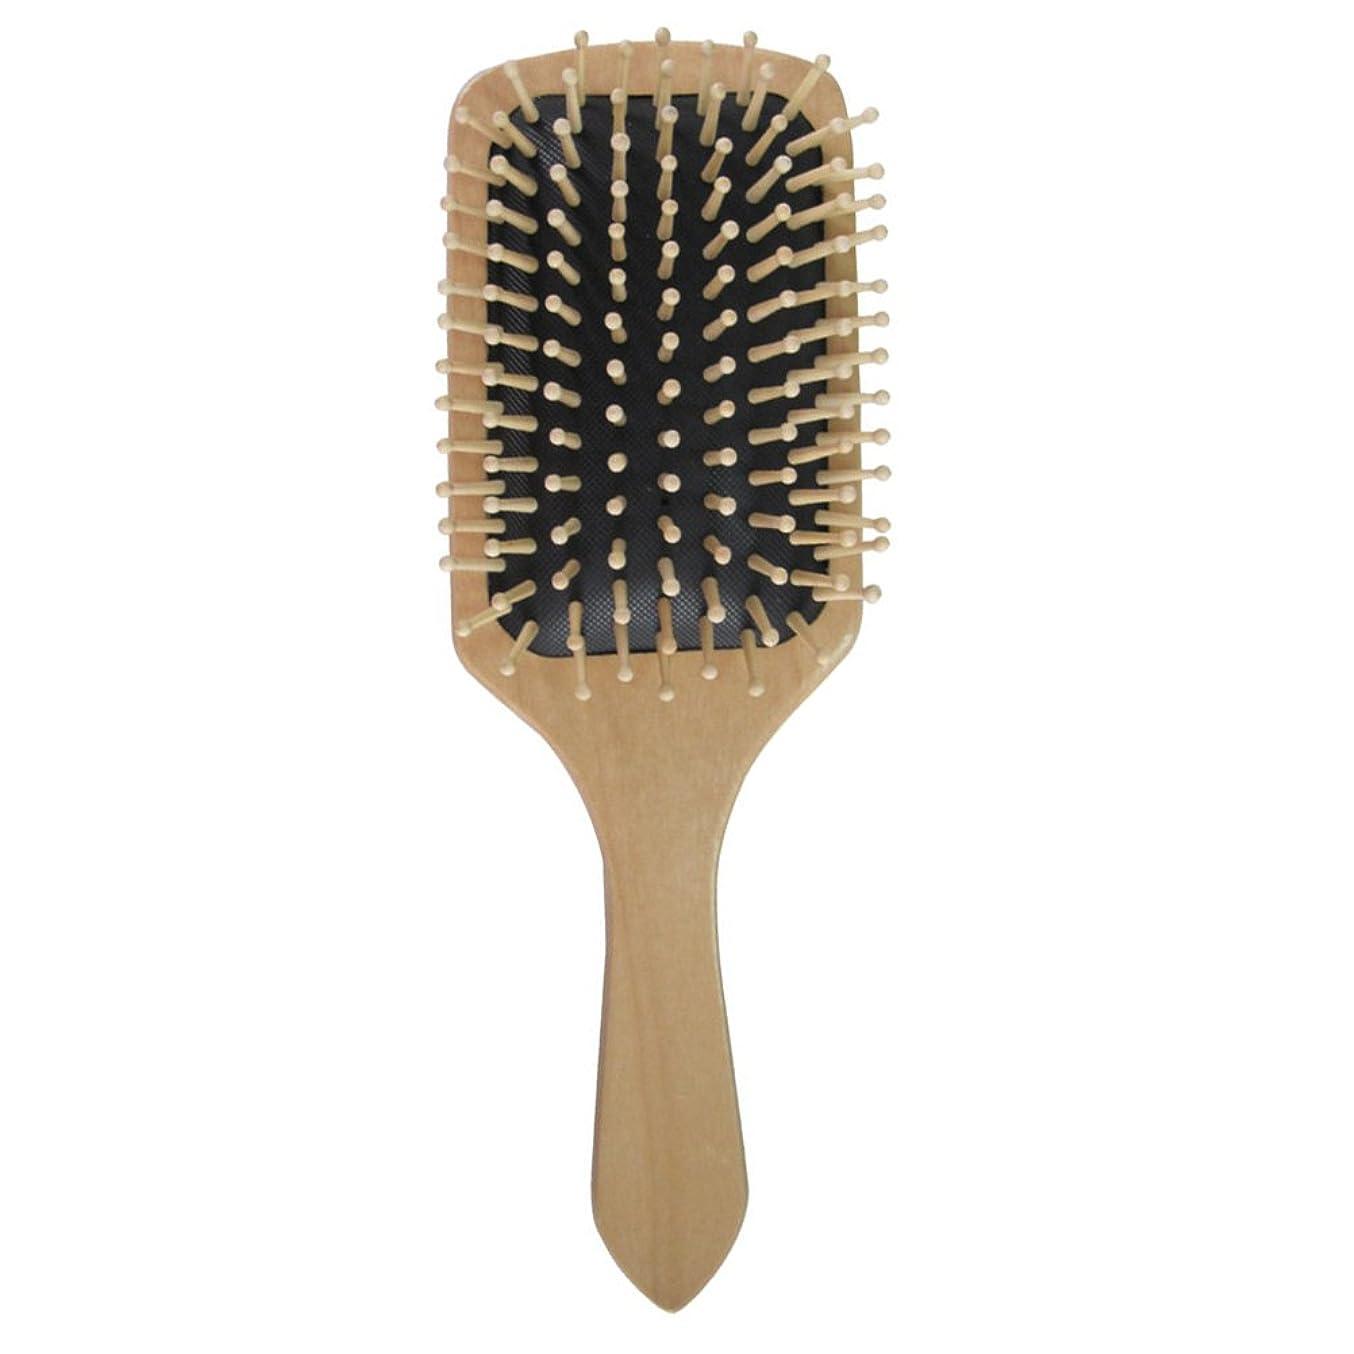 不調和マントル魔女Healifty ヘアブラシ マッサージ櫛 頭皮ブラシ ヘアケアブラシ 絡まない 濡れた髪 髪 頭皮マッサージ ダメージ軽減